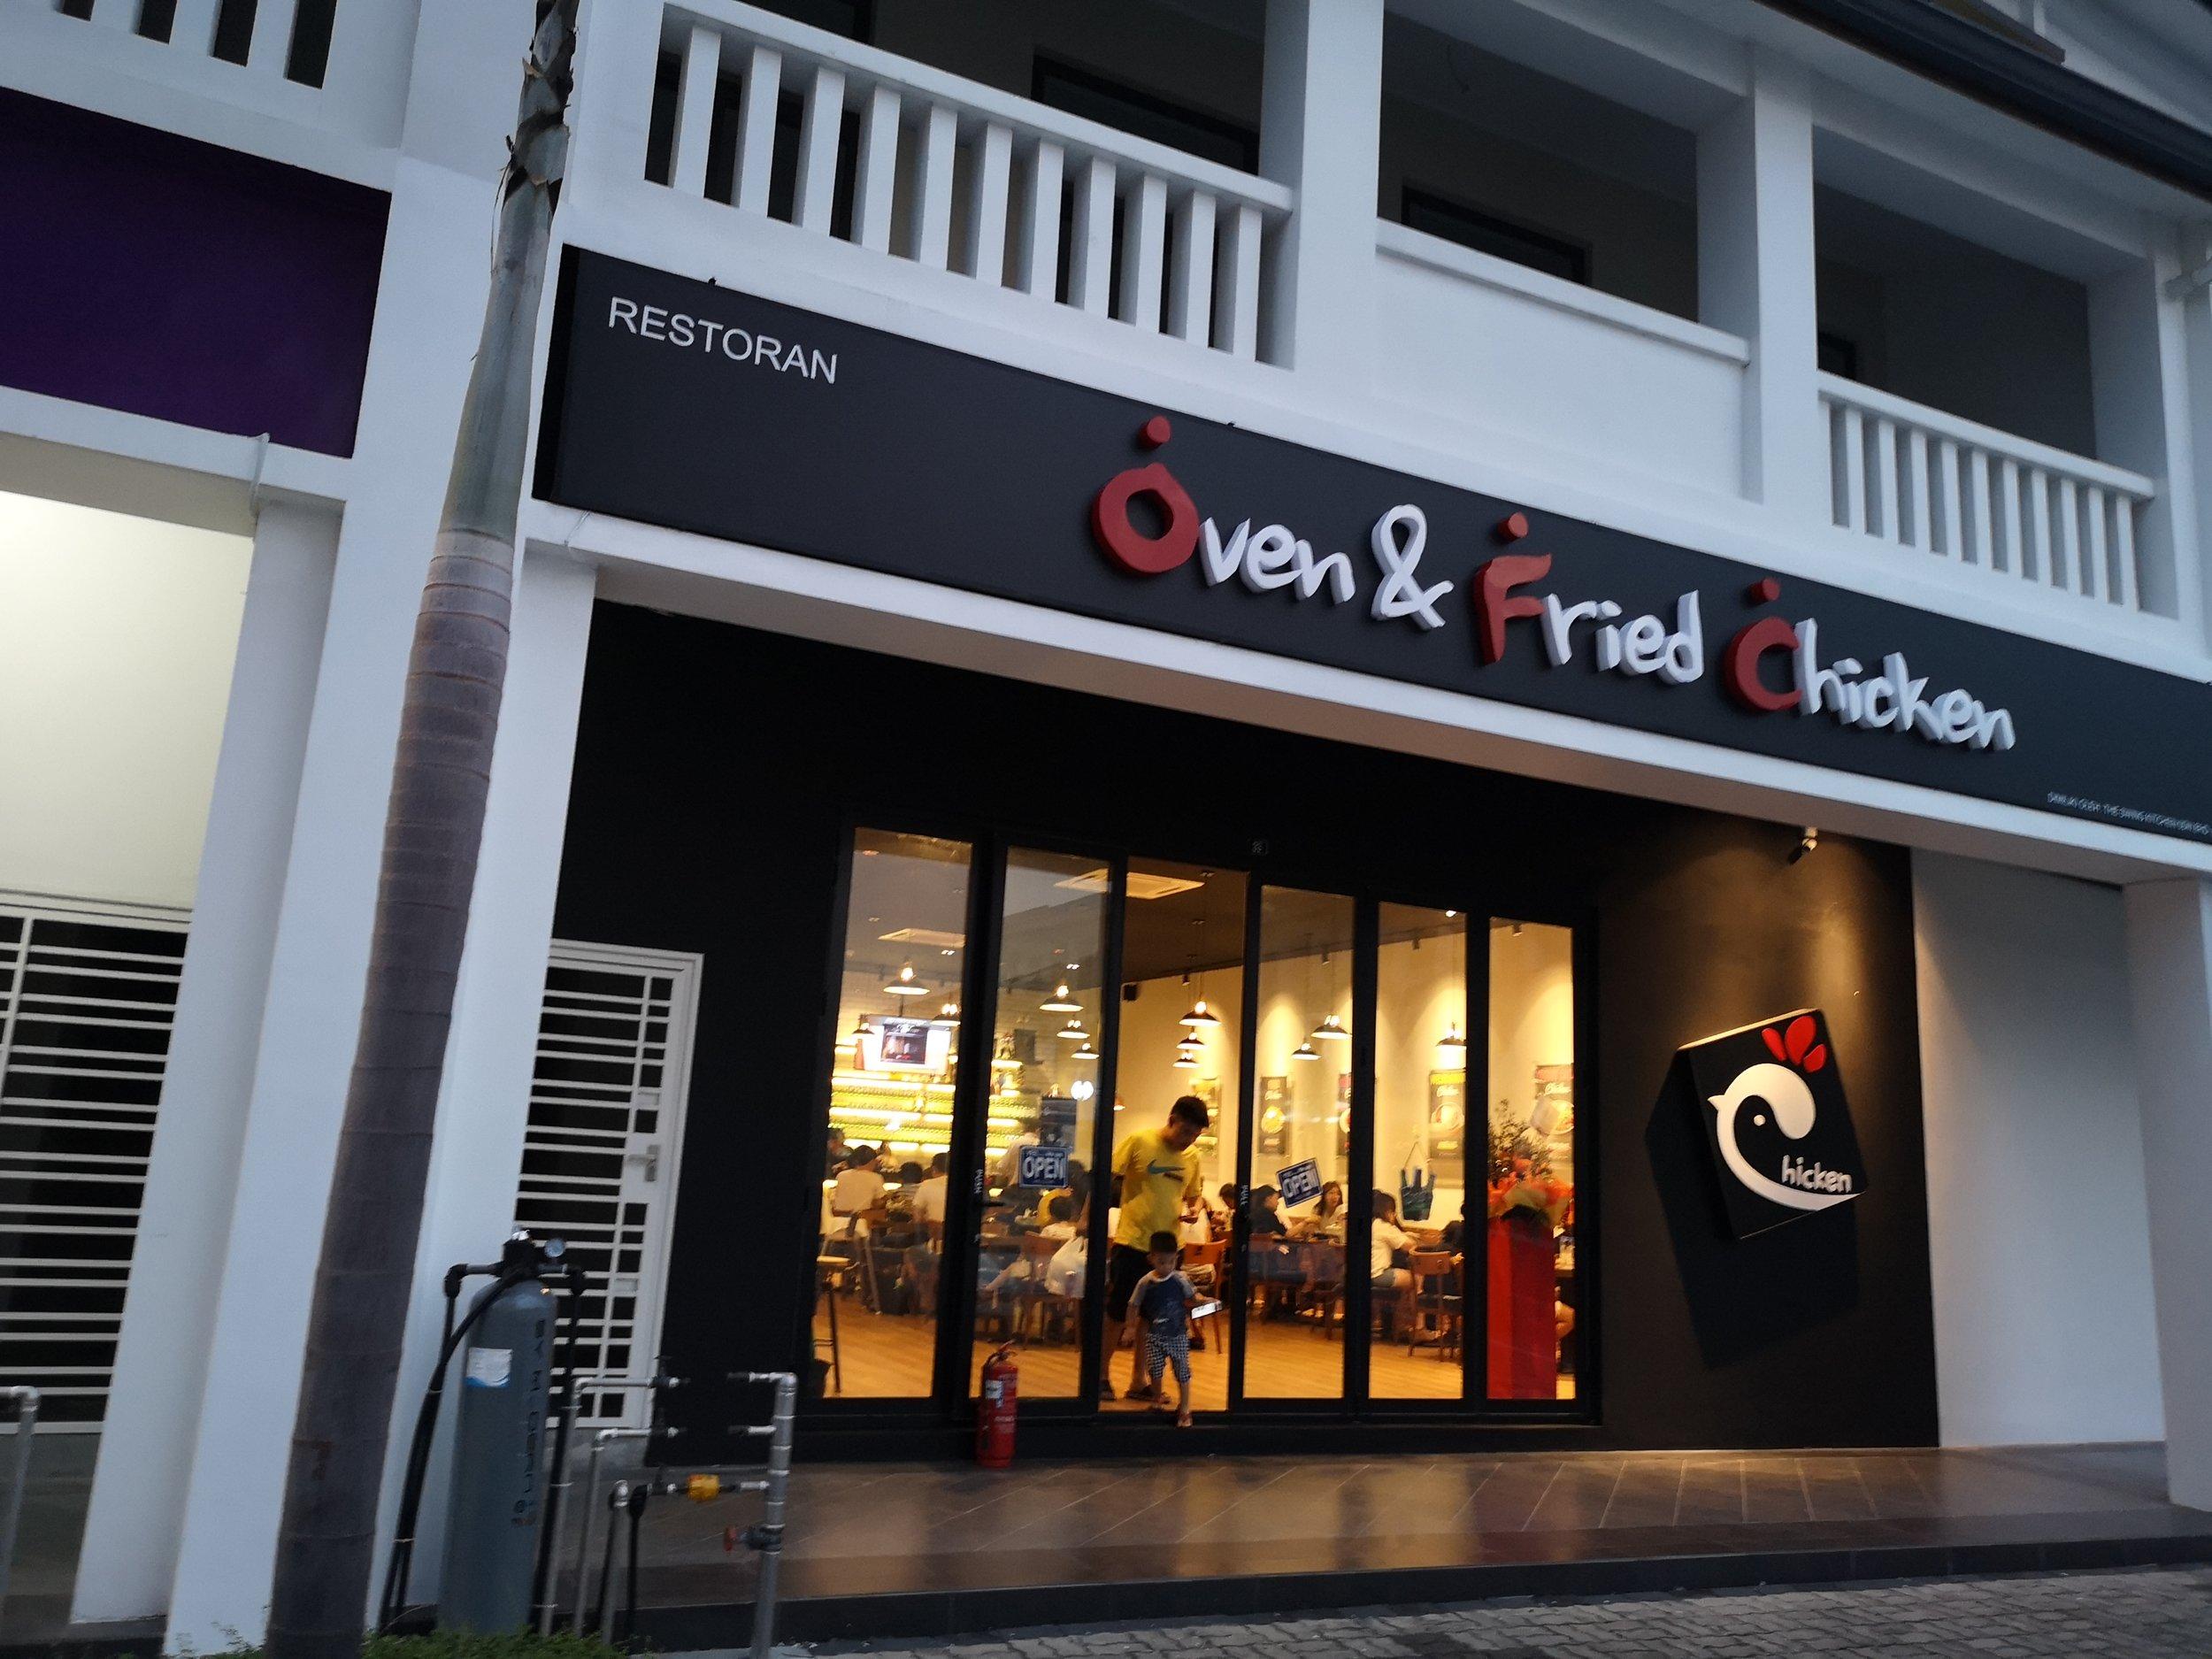 Oven & Fried Chicken Korean Restaurant Eco Botanic